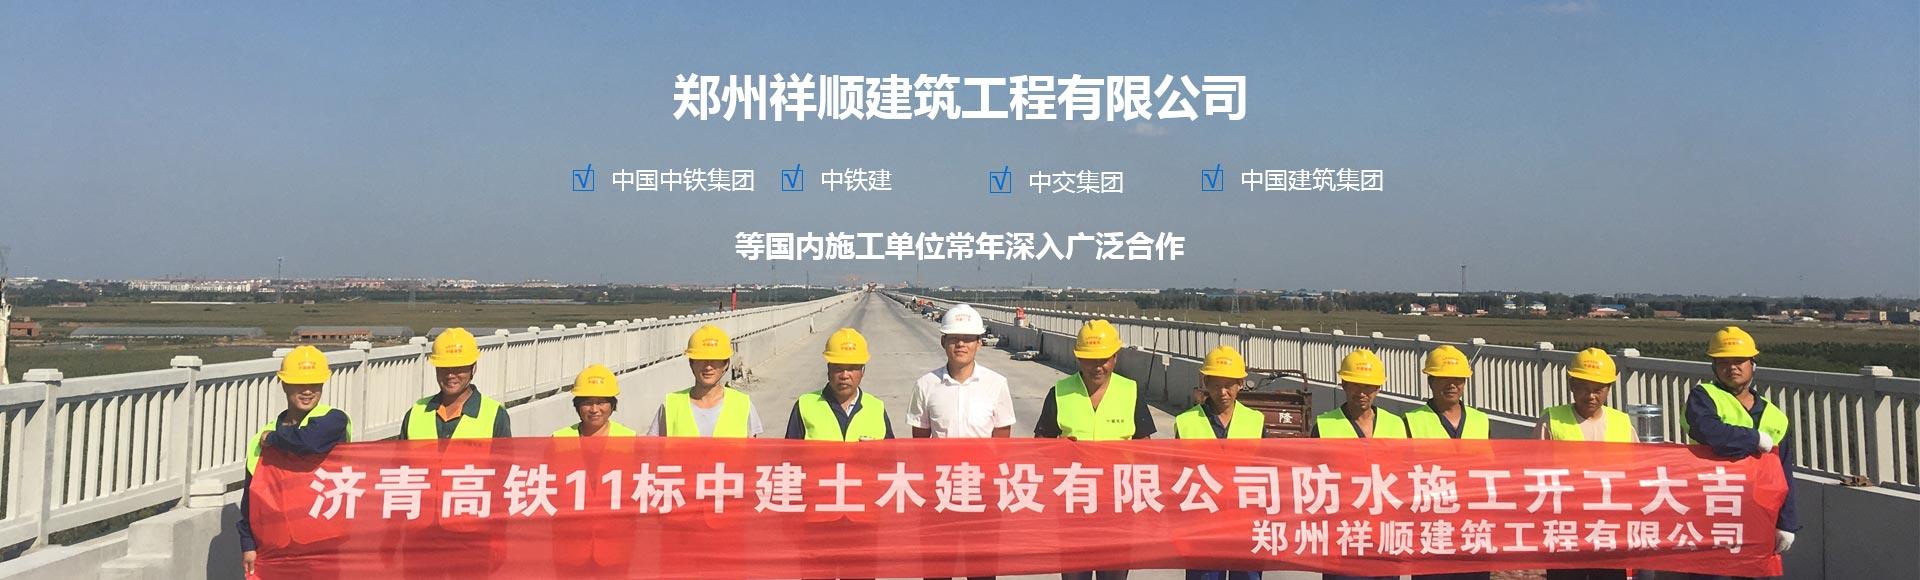 深圳高铁防水工程